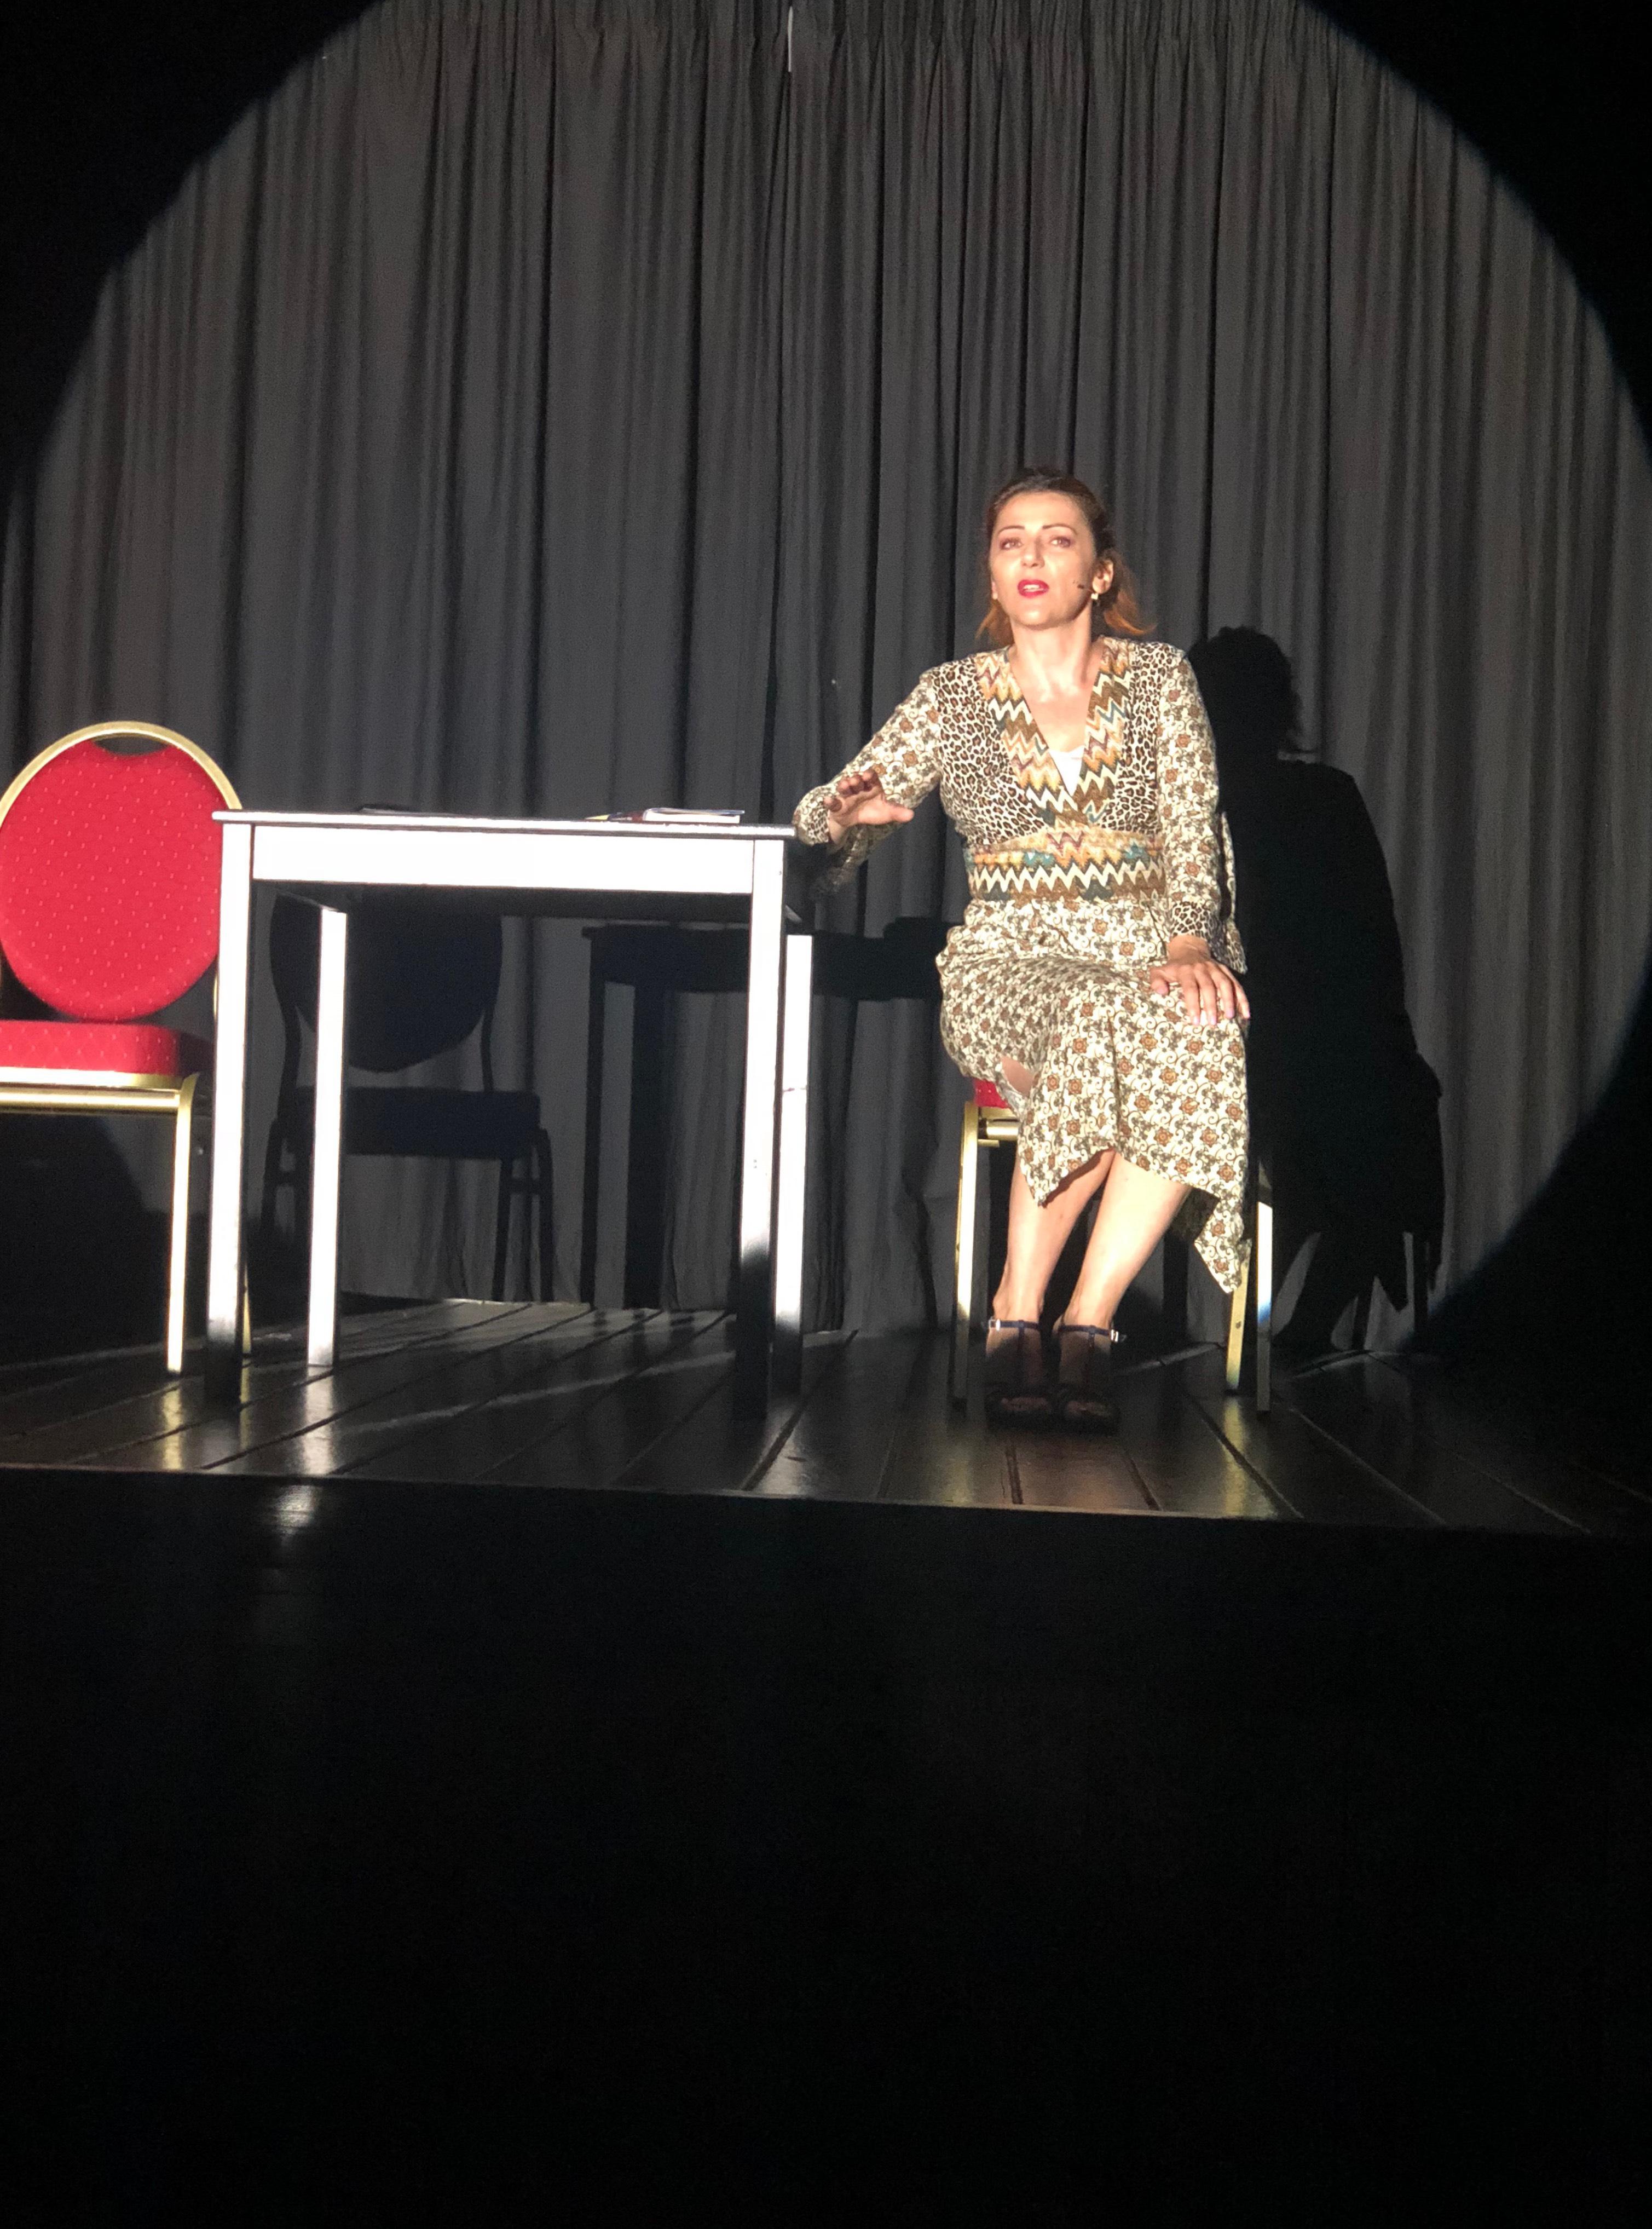 Al teatro di Torino con Monologo Quantistico in una replica bellissima… ora ci vediamo a Matera per la Notte Europea dei Ricercatori!